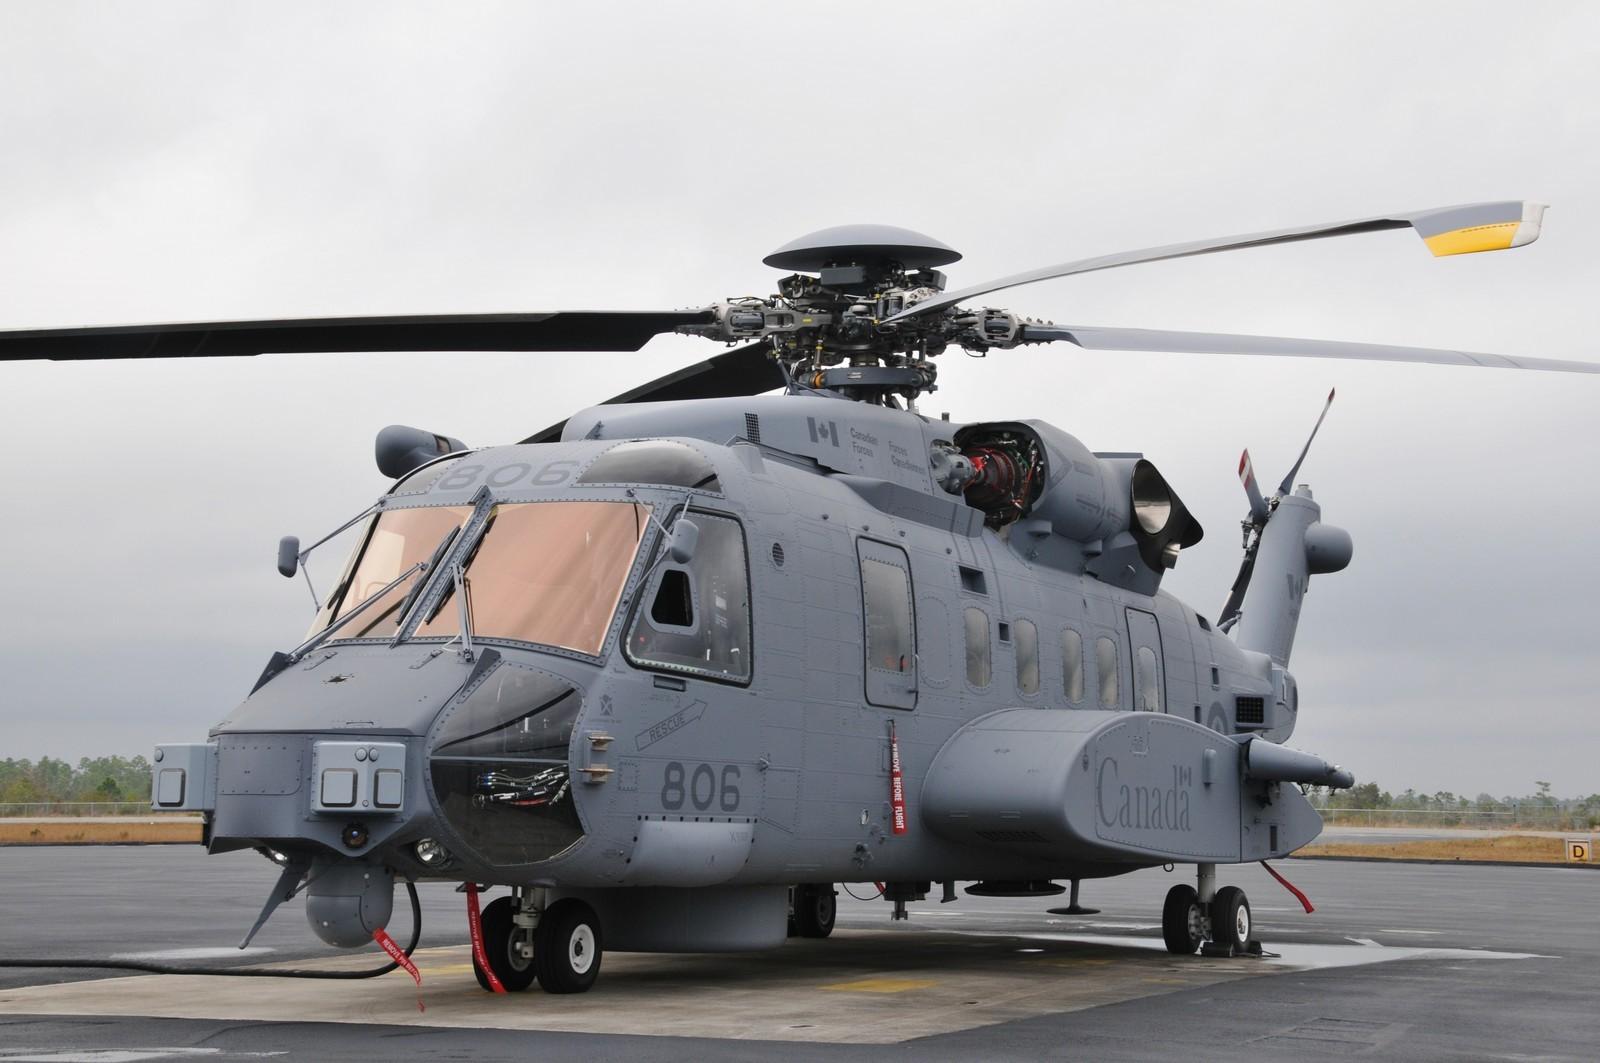 CH-148 사업으로 손실이 늘고 있는 시코르스키